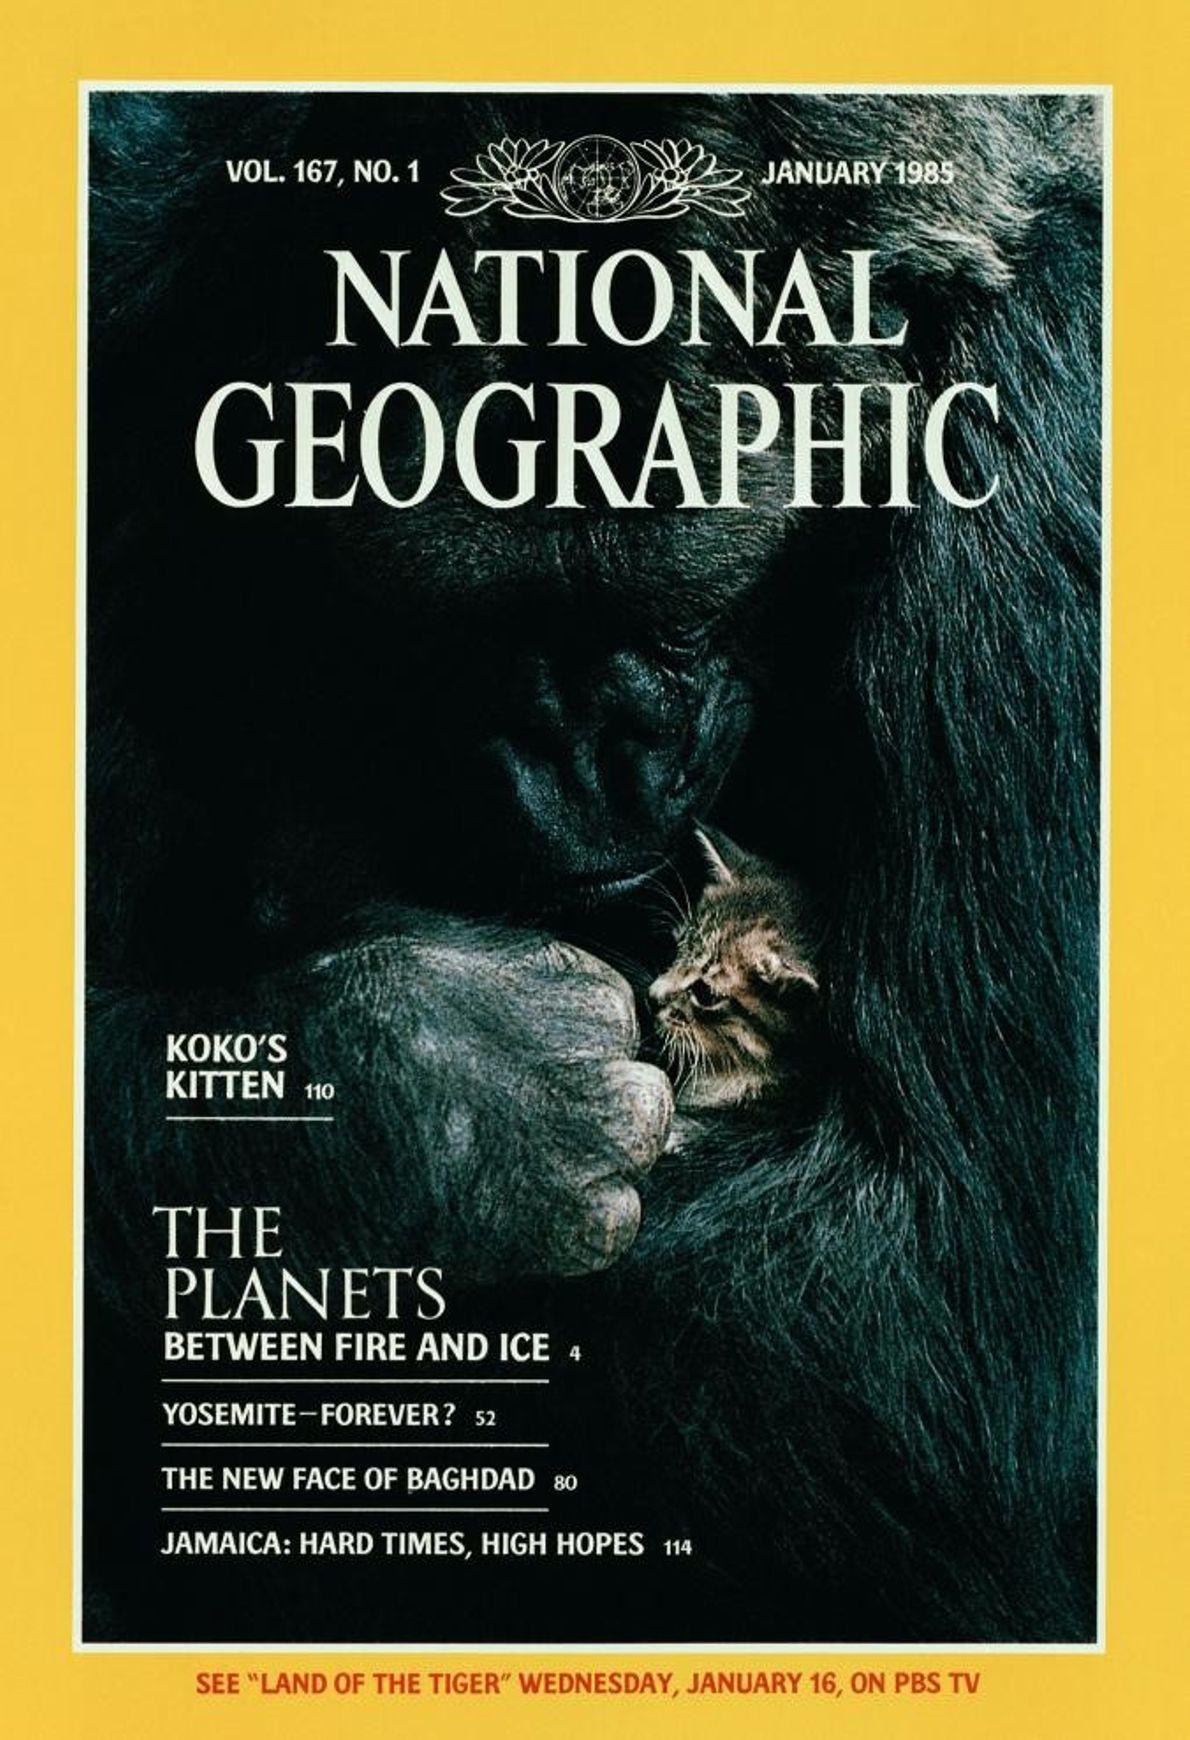 Photo de couverture du National Geographic réalisée par Ronald Cohn.